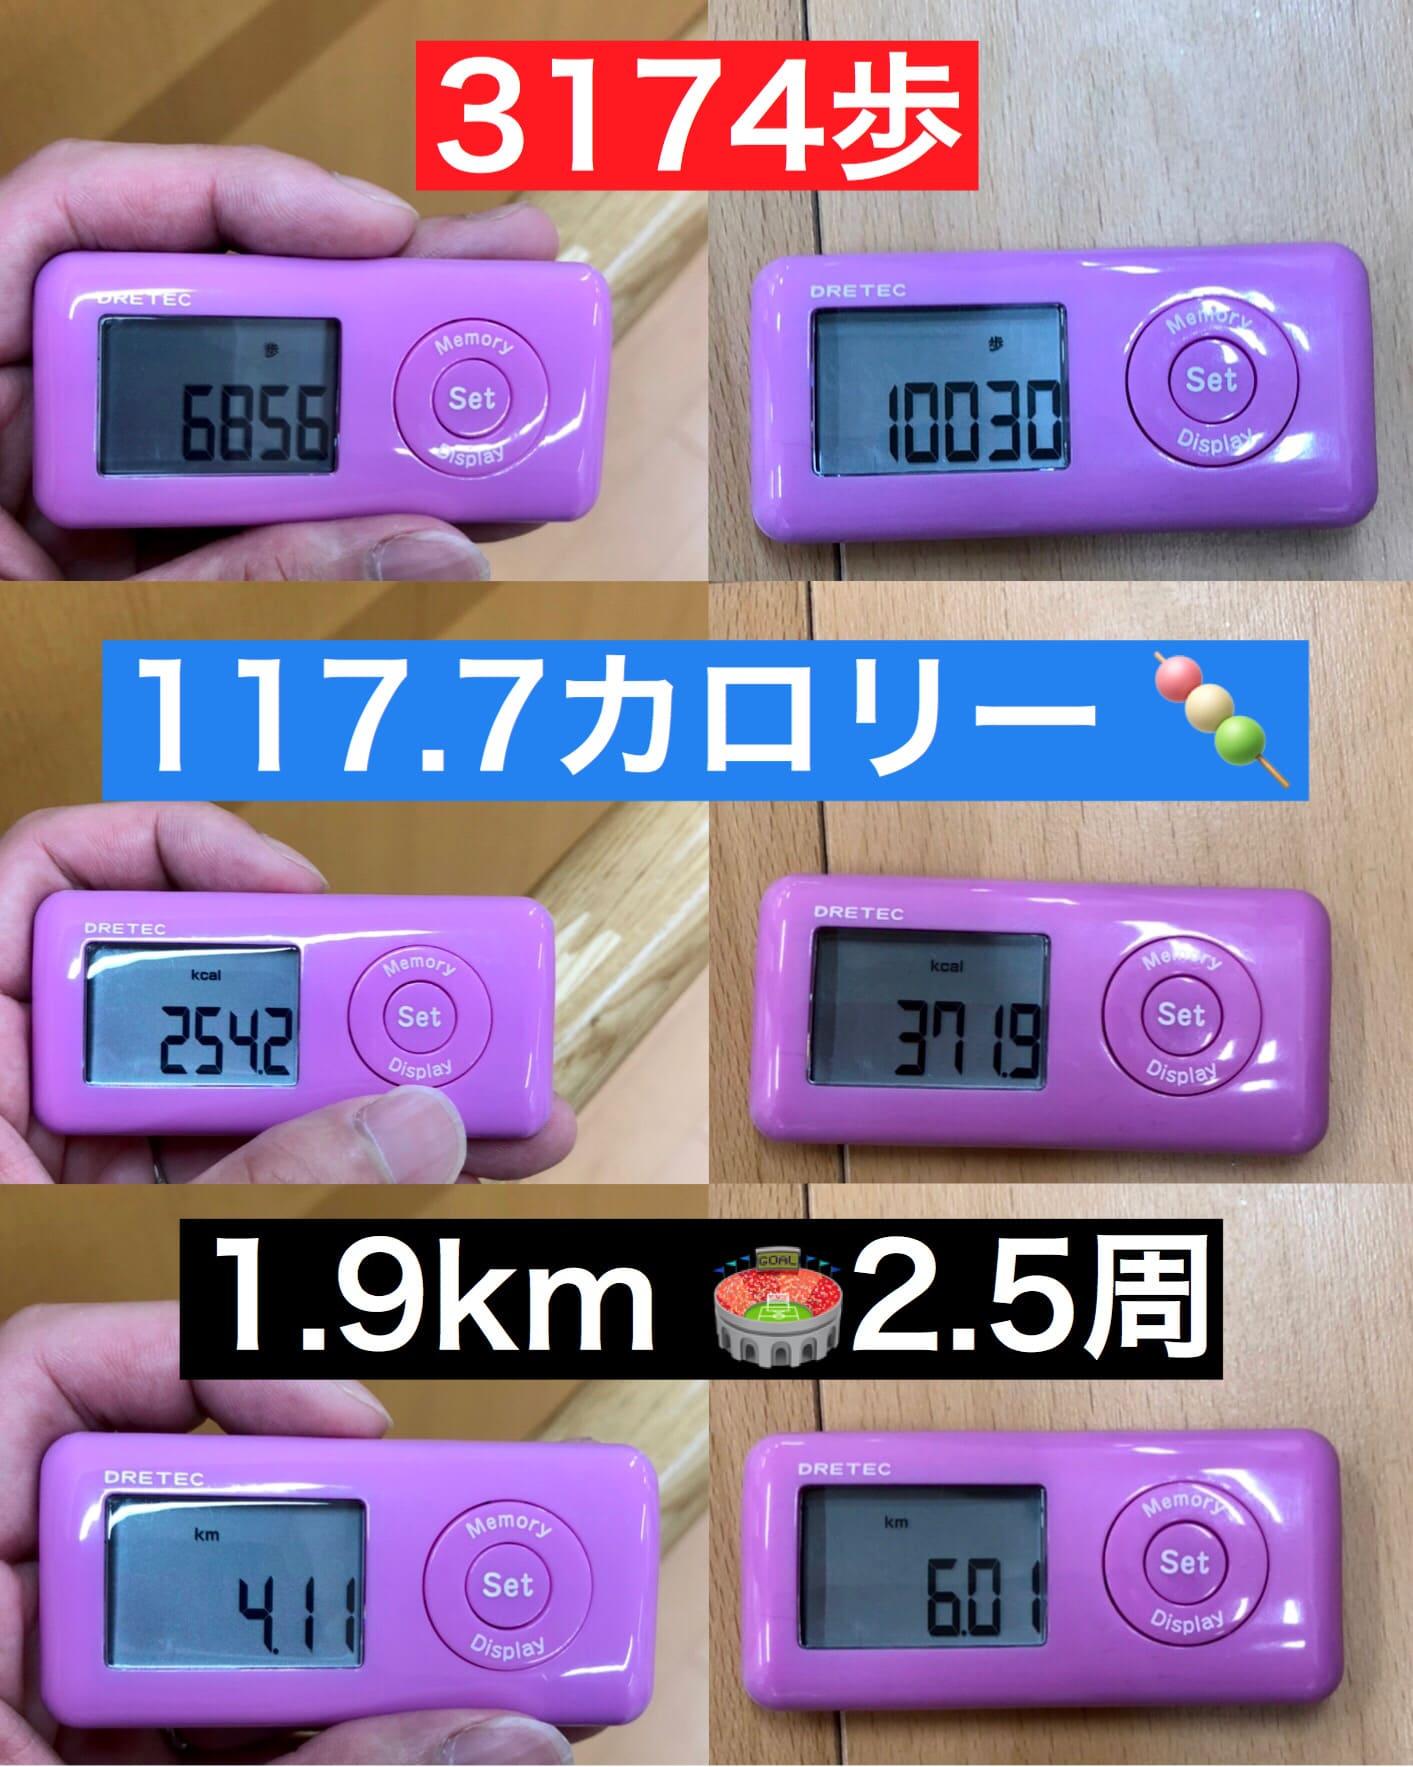 ダンス で 健康 に | 60分のレッスン内の歩数・消費カロリー・距離を検証